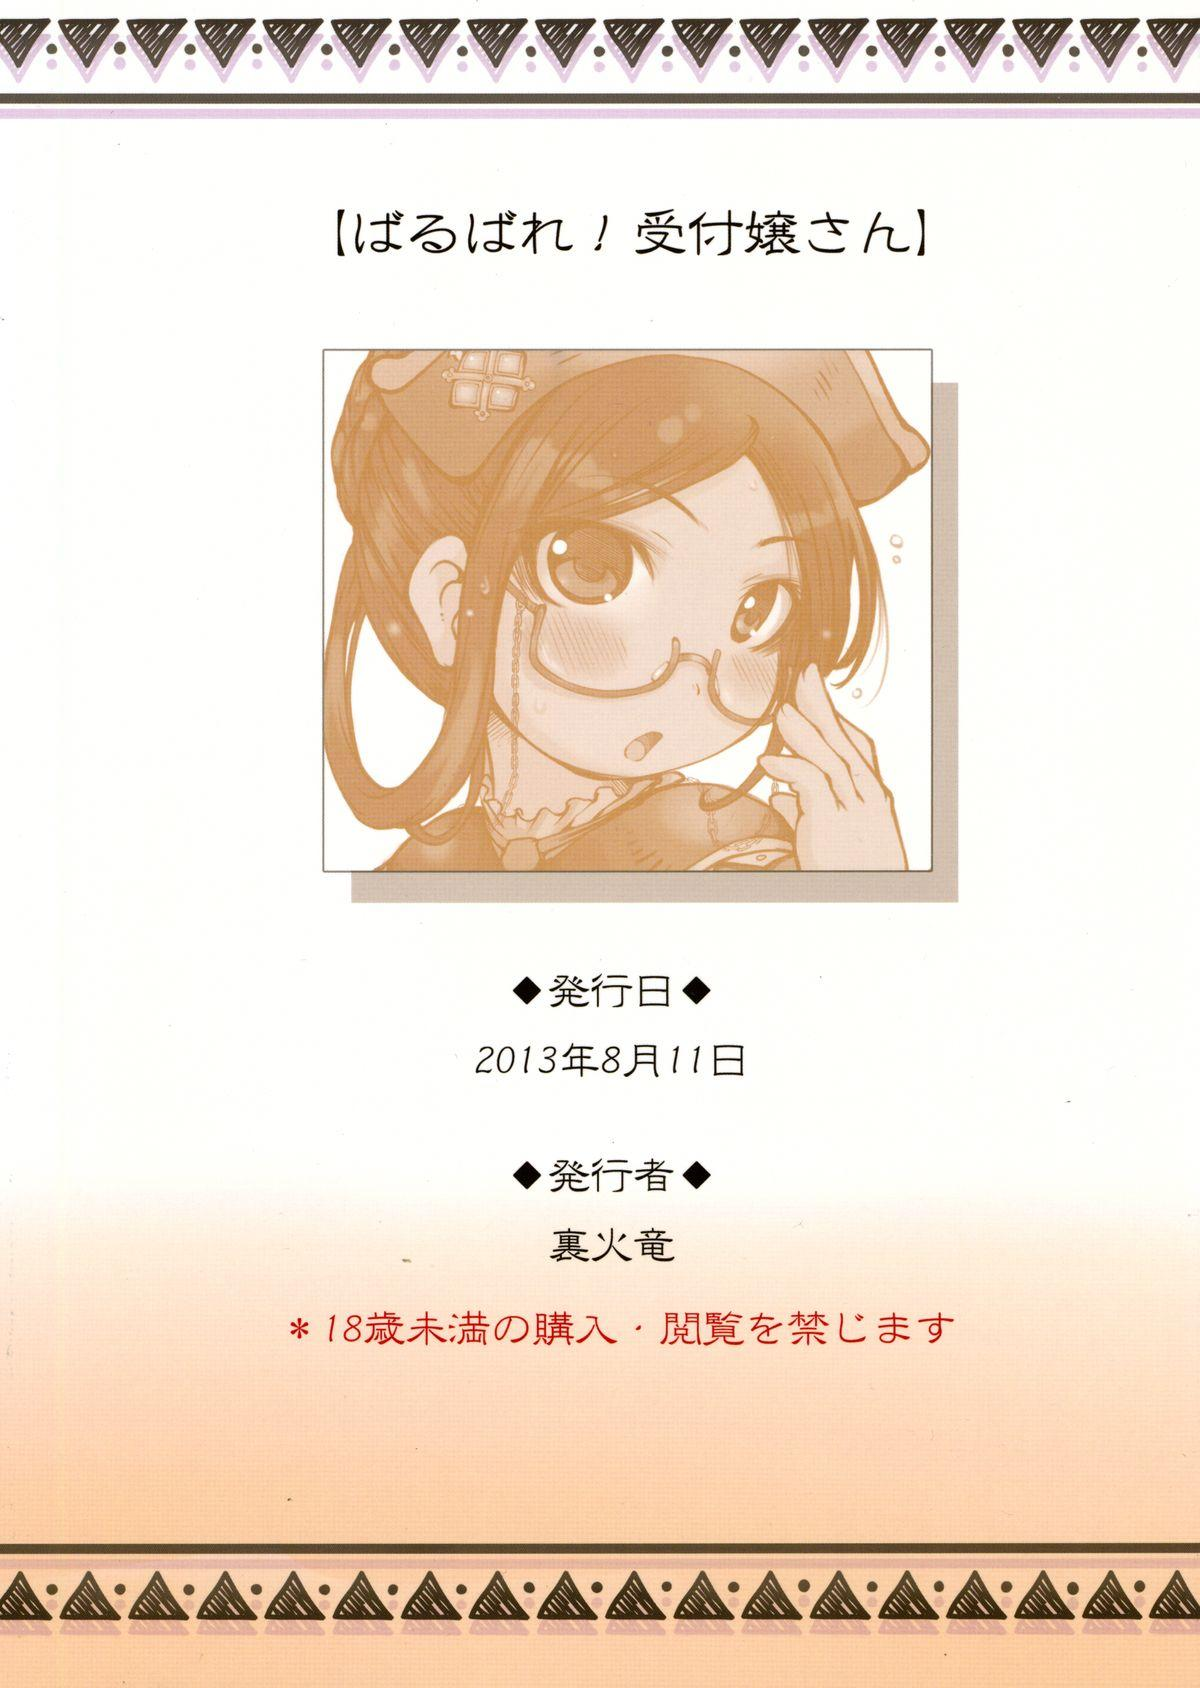 Barubare! Uketsukejou-san 1